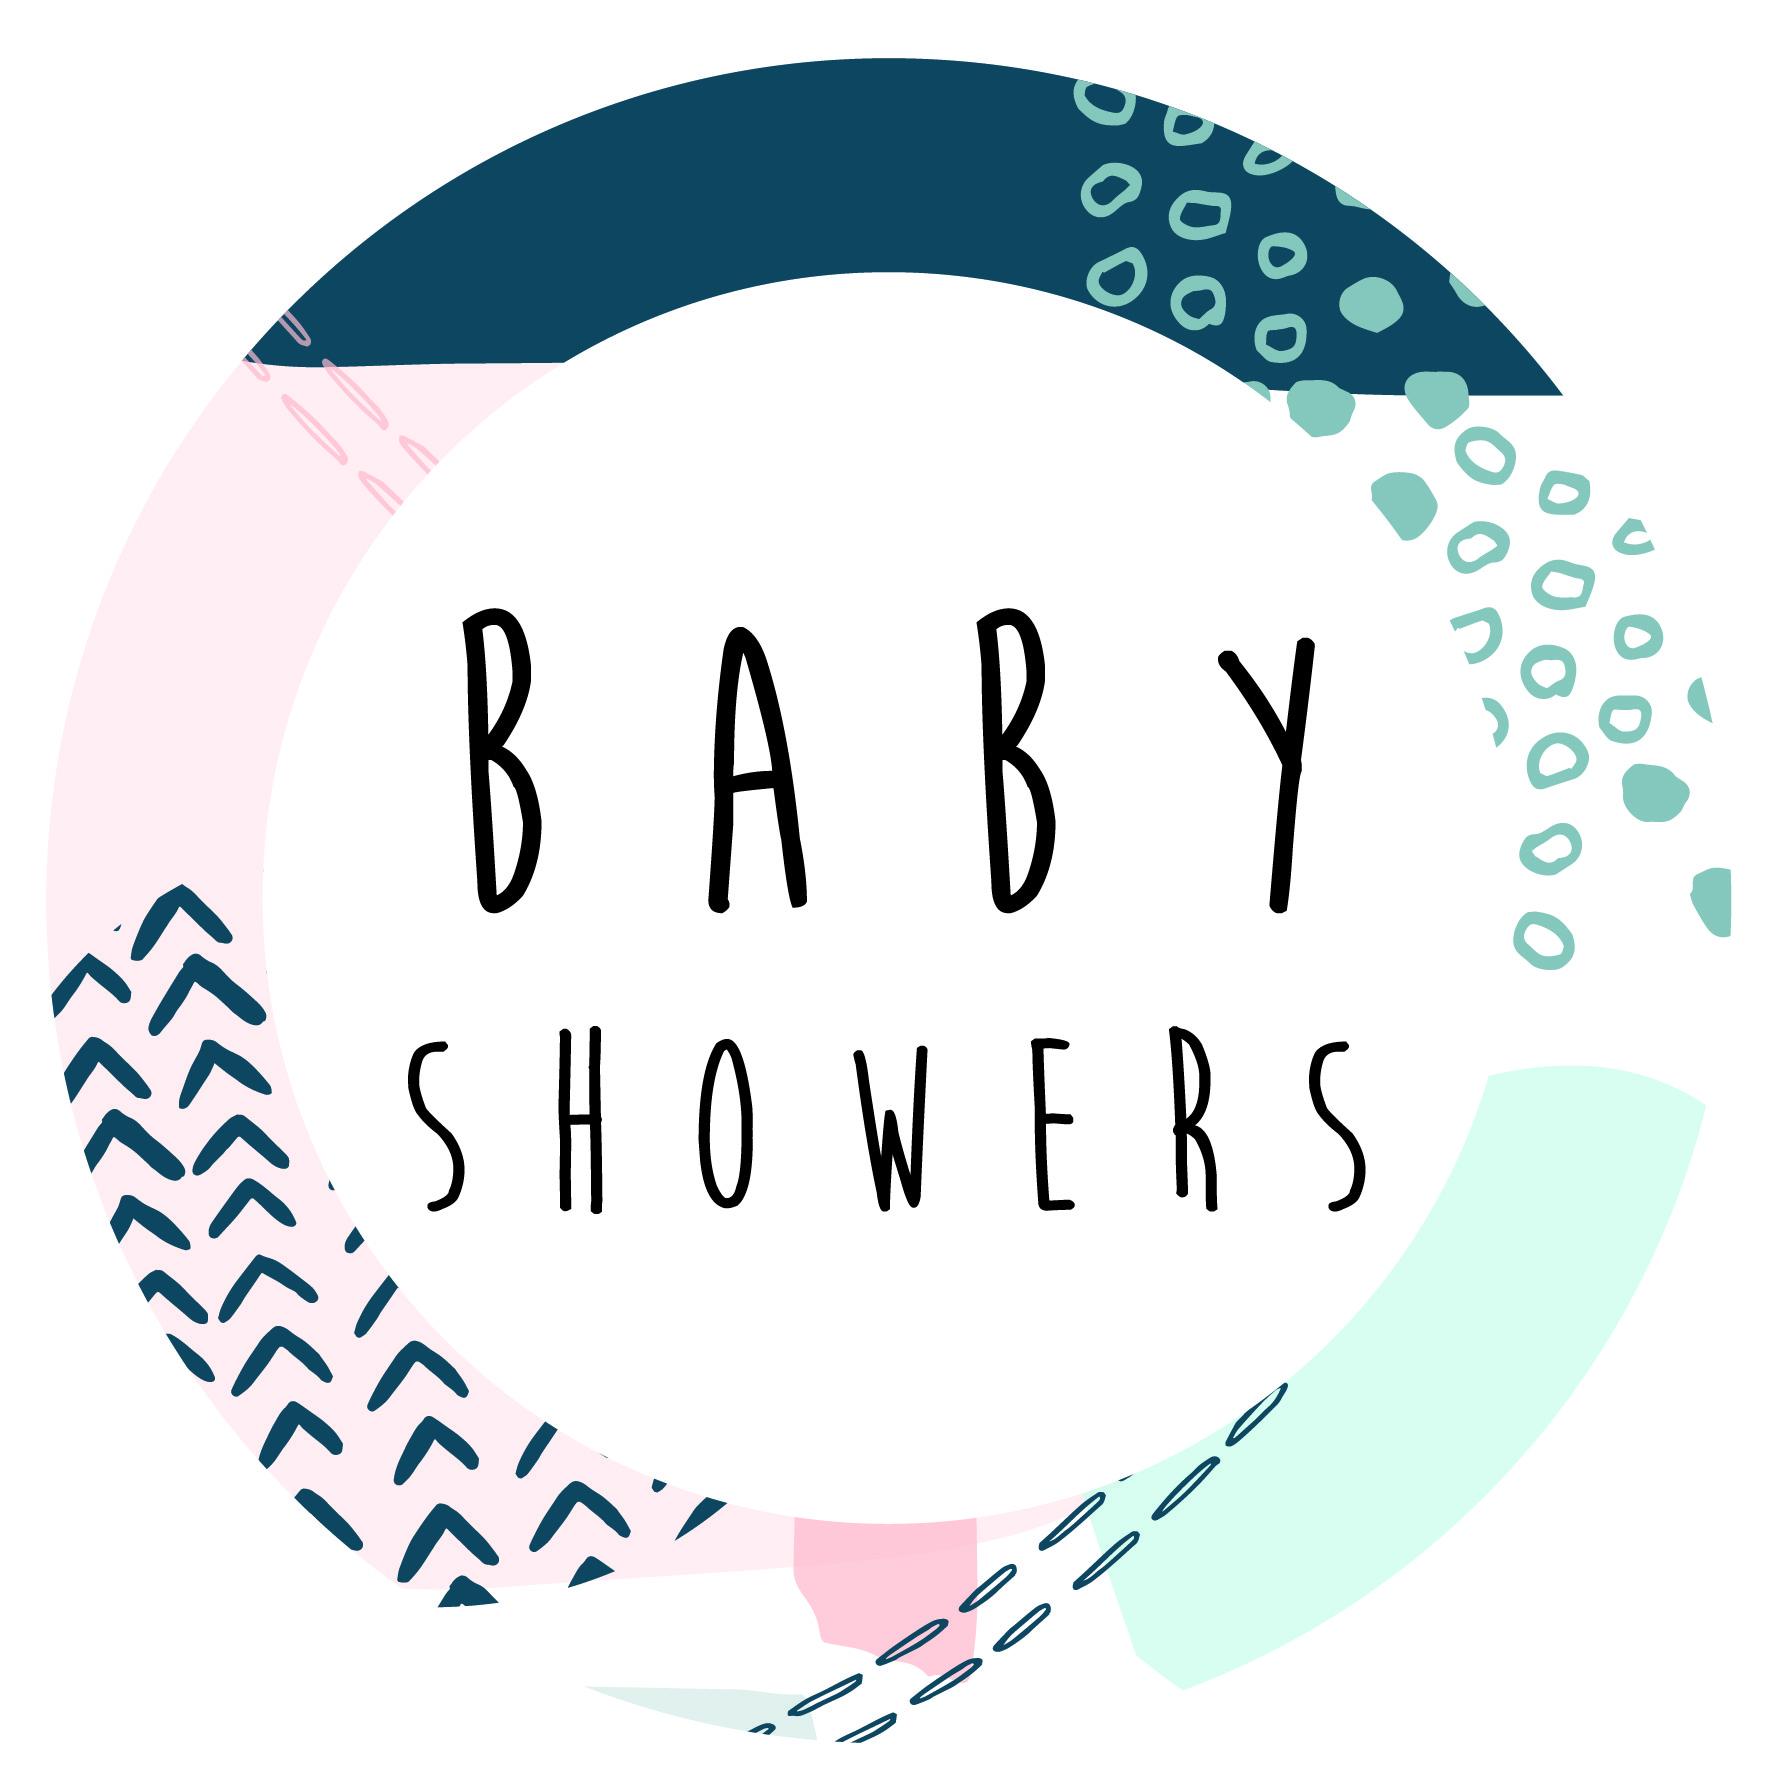 Baby shower craft idea.jpg